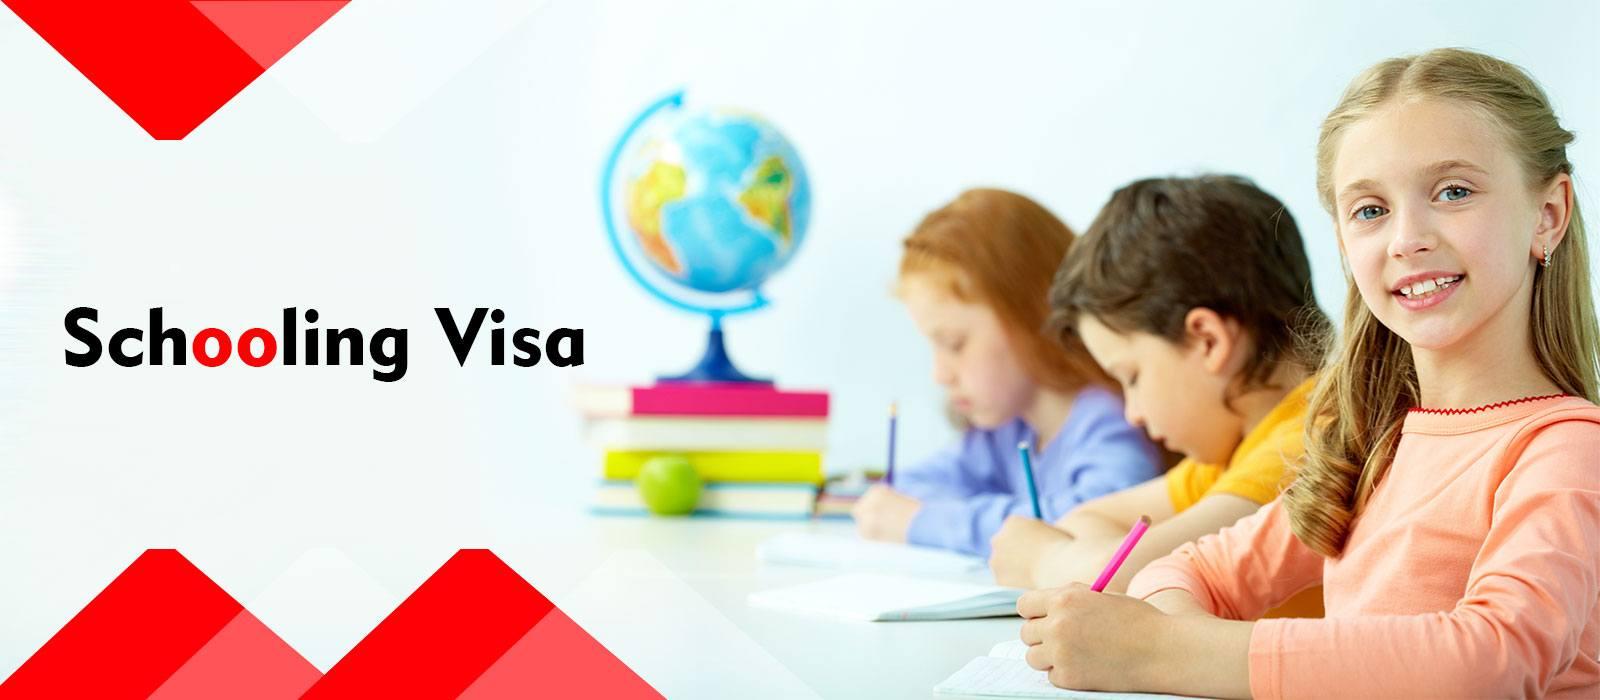 Schooling Visa Consultant in India